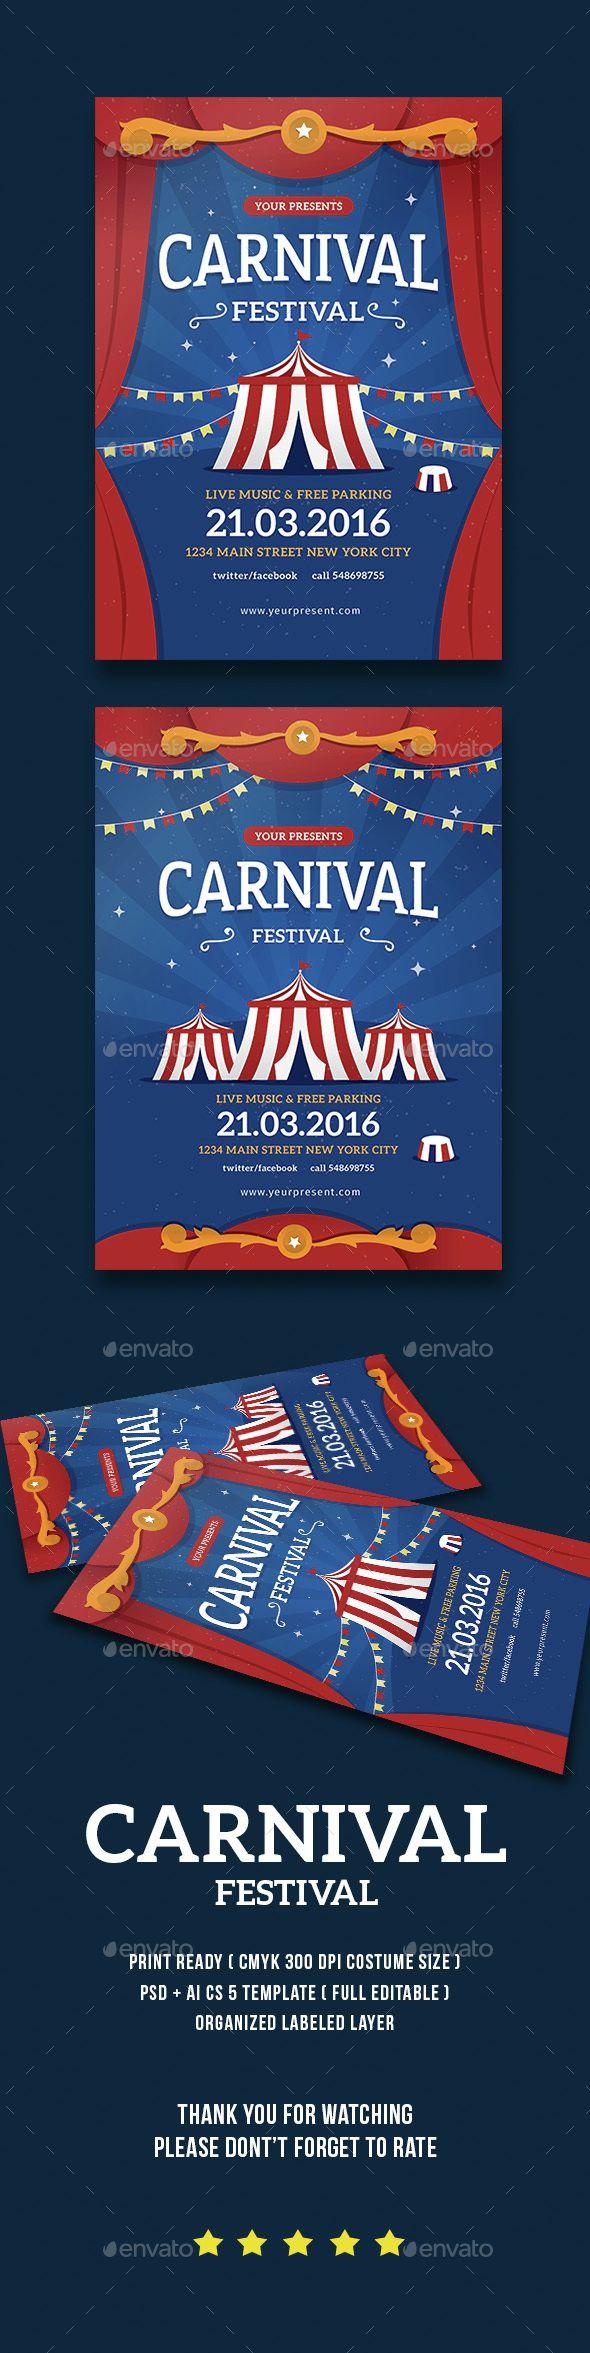 Carnival Festival Flyer / Poster | Circo, Carnavales y Anuarios